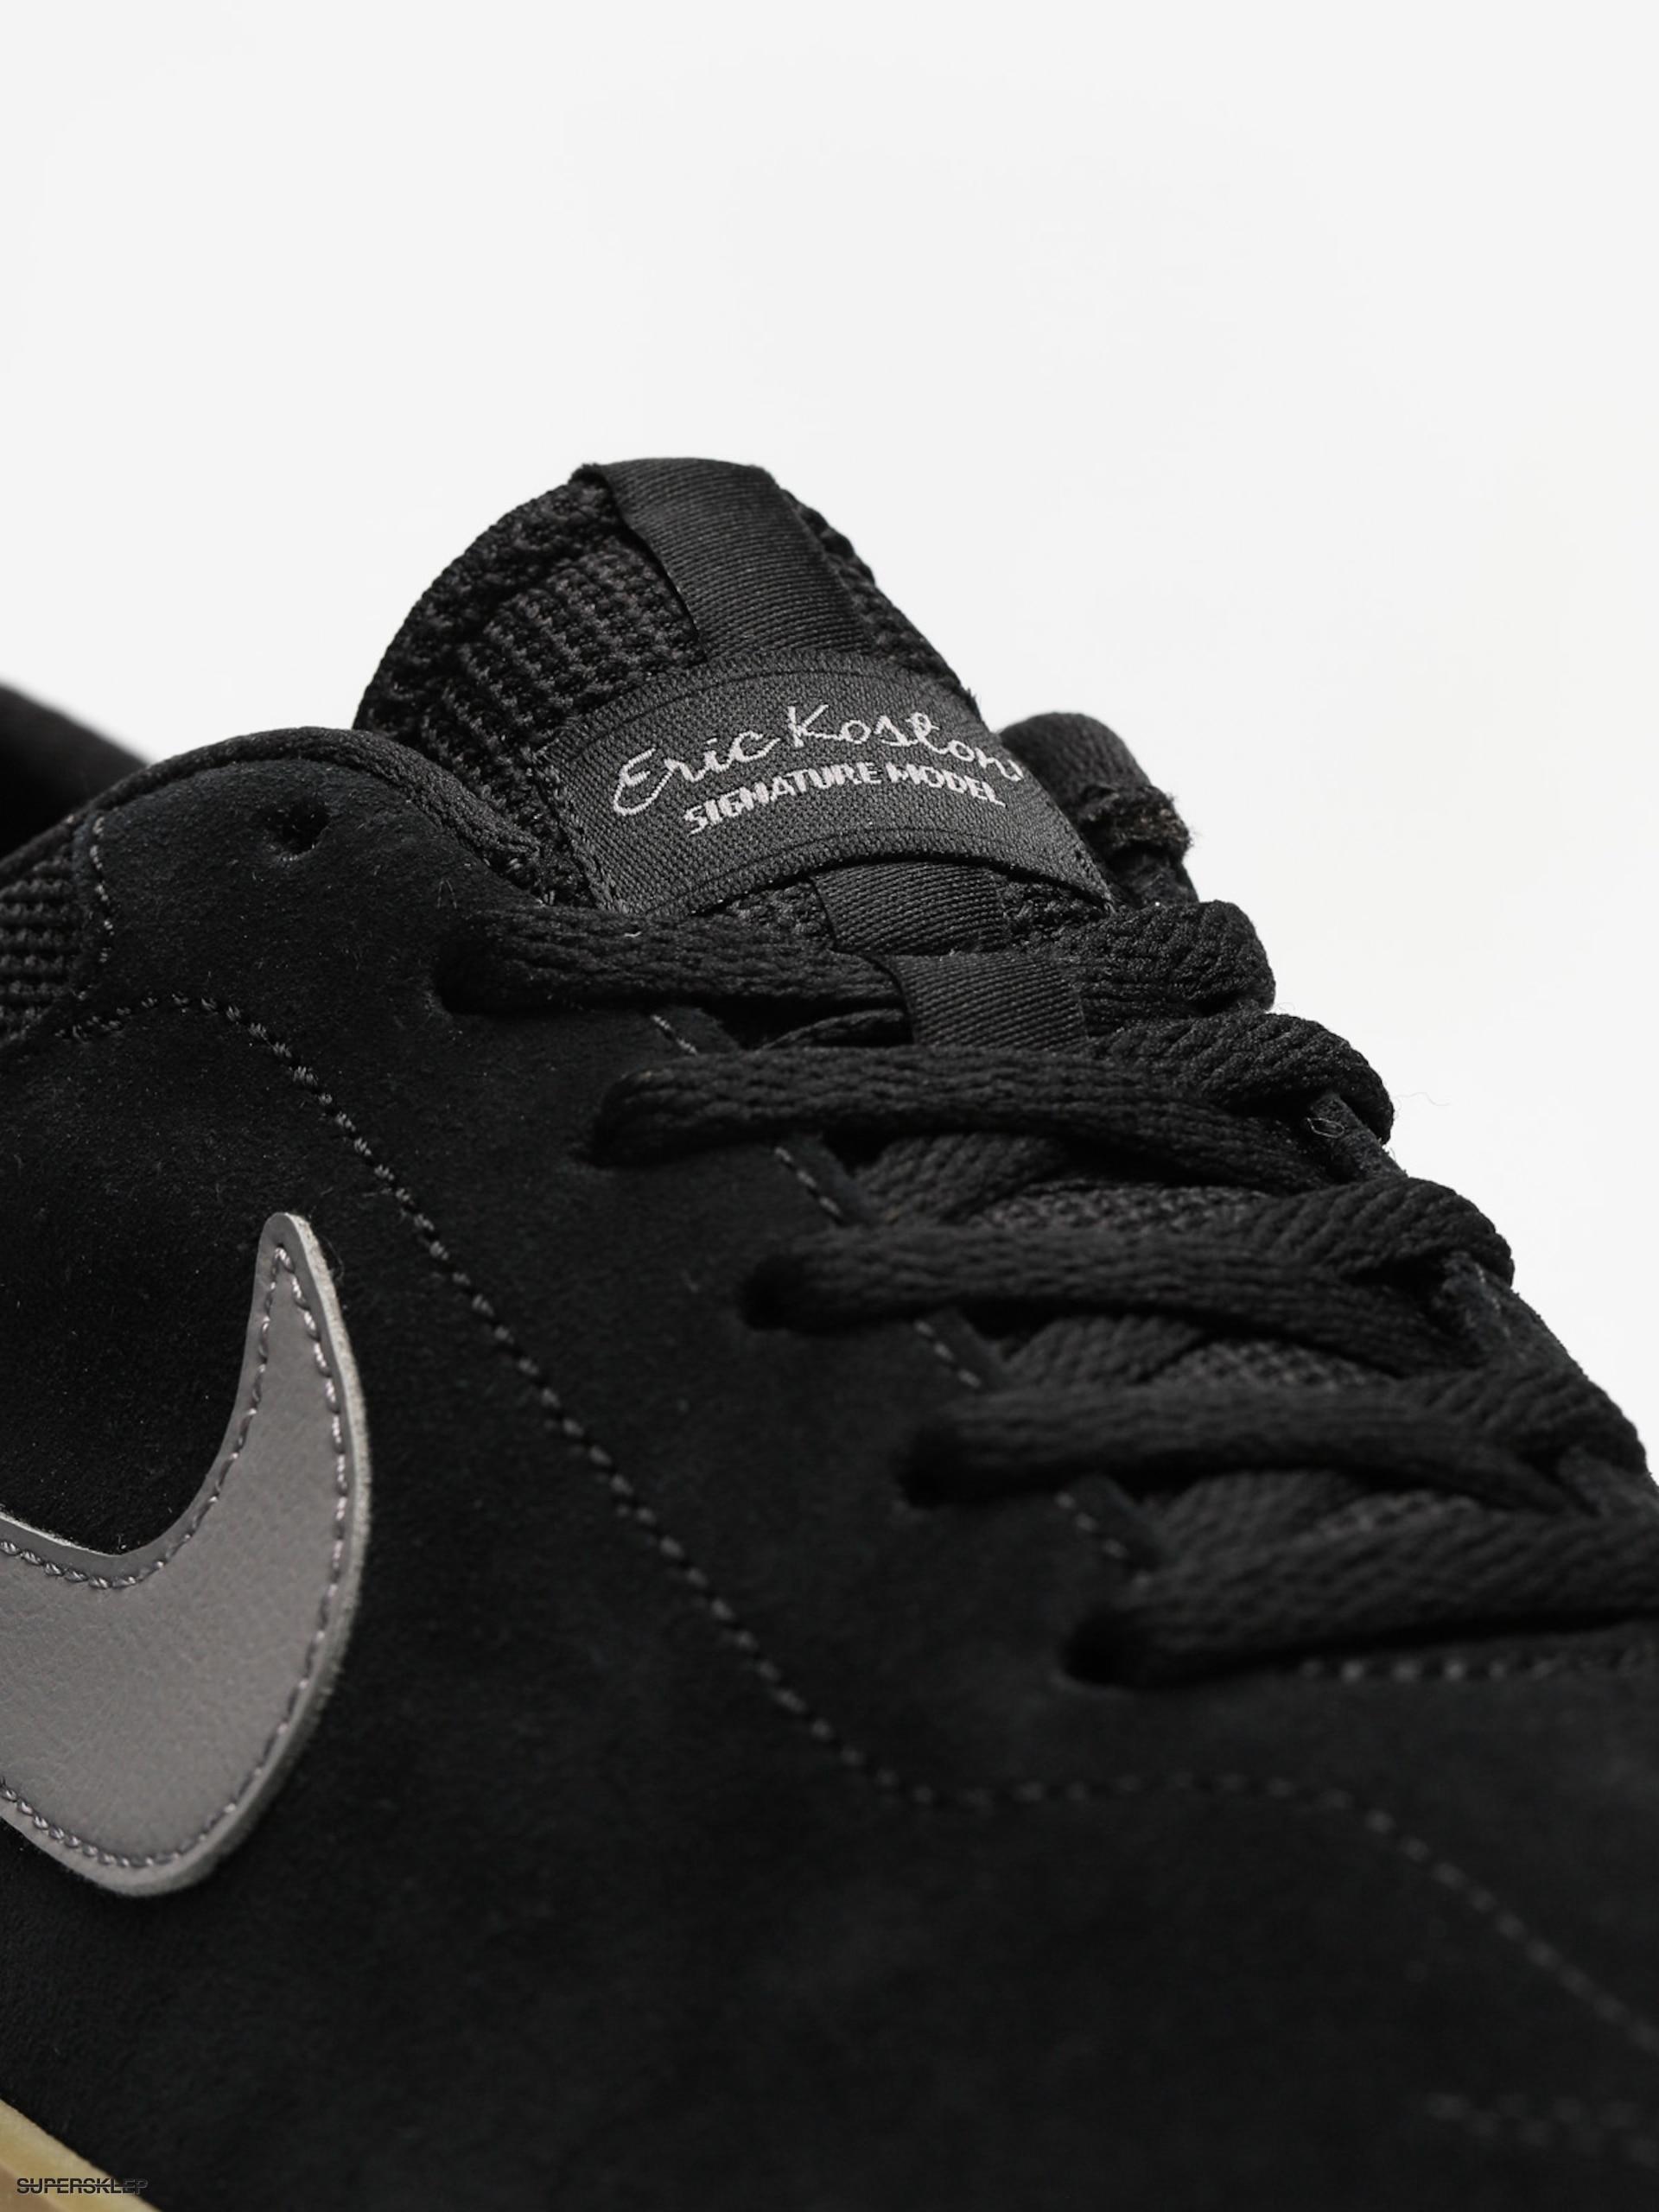 4da6574c9d2a Boty Nike SB Sb Koston Hypervulc (black gunsmoke vast grey white)